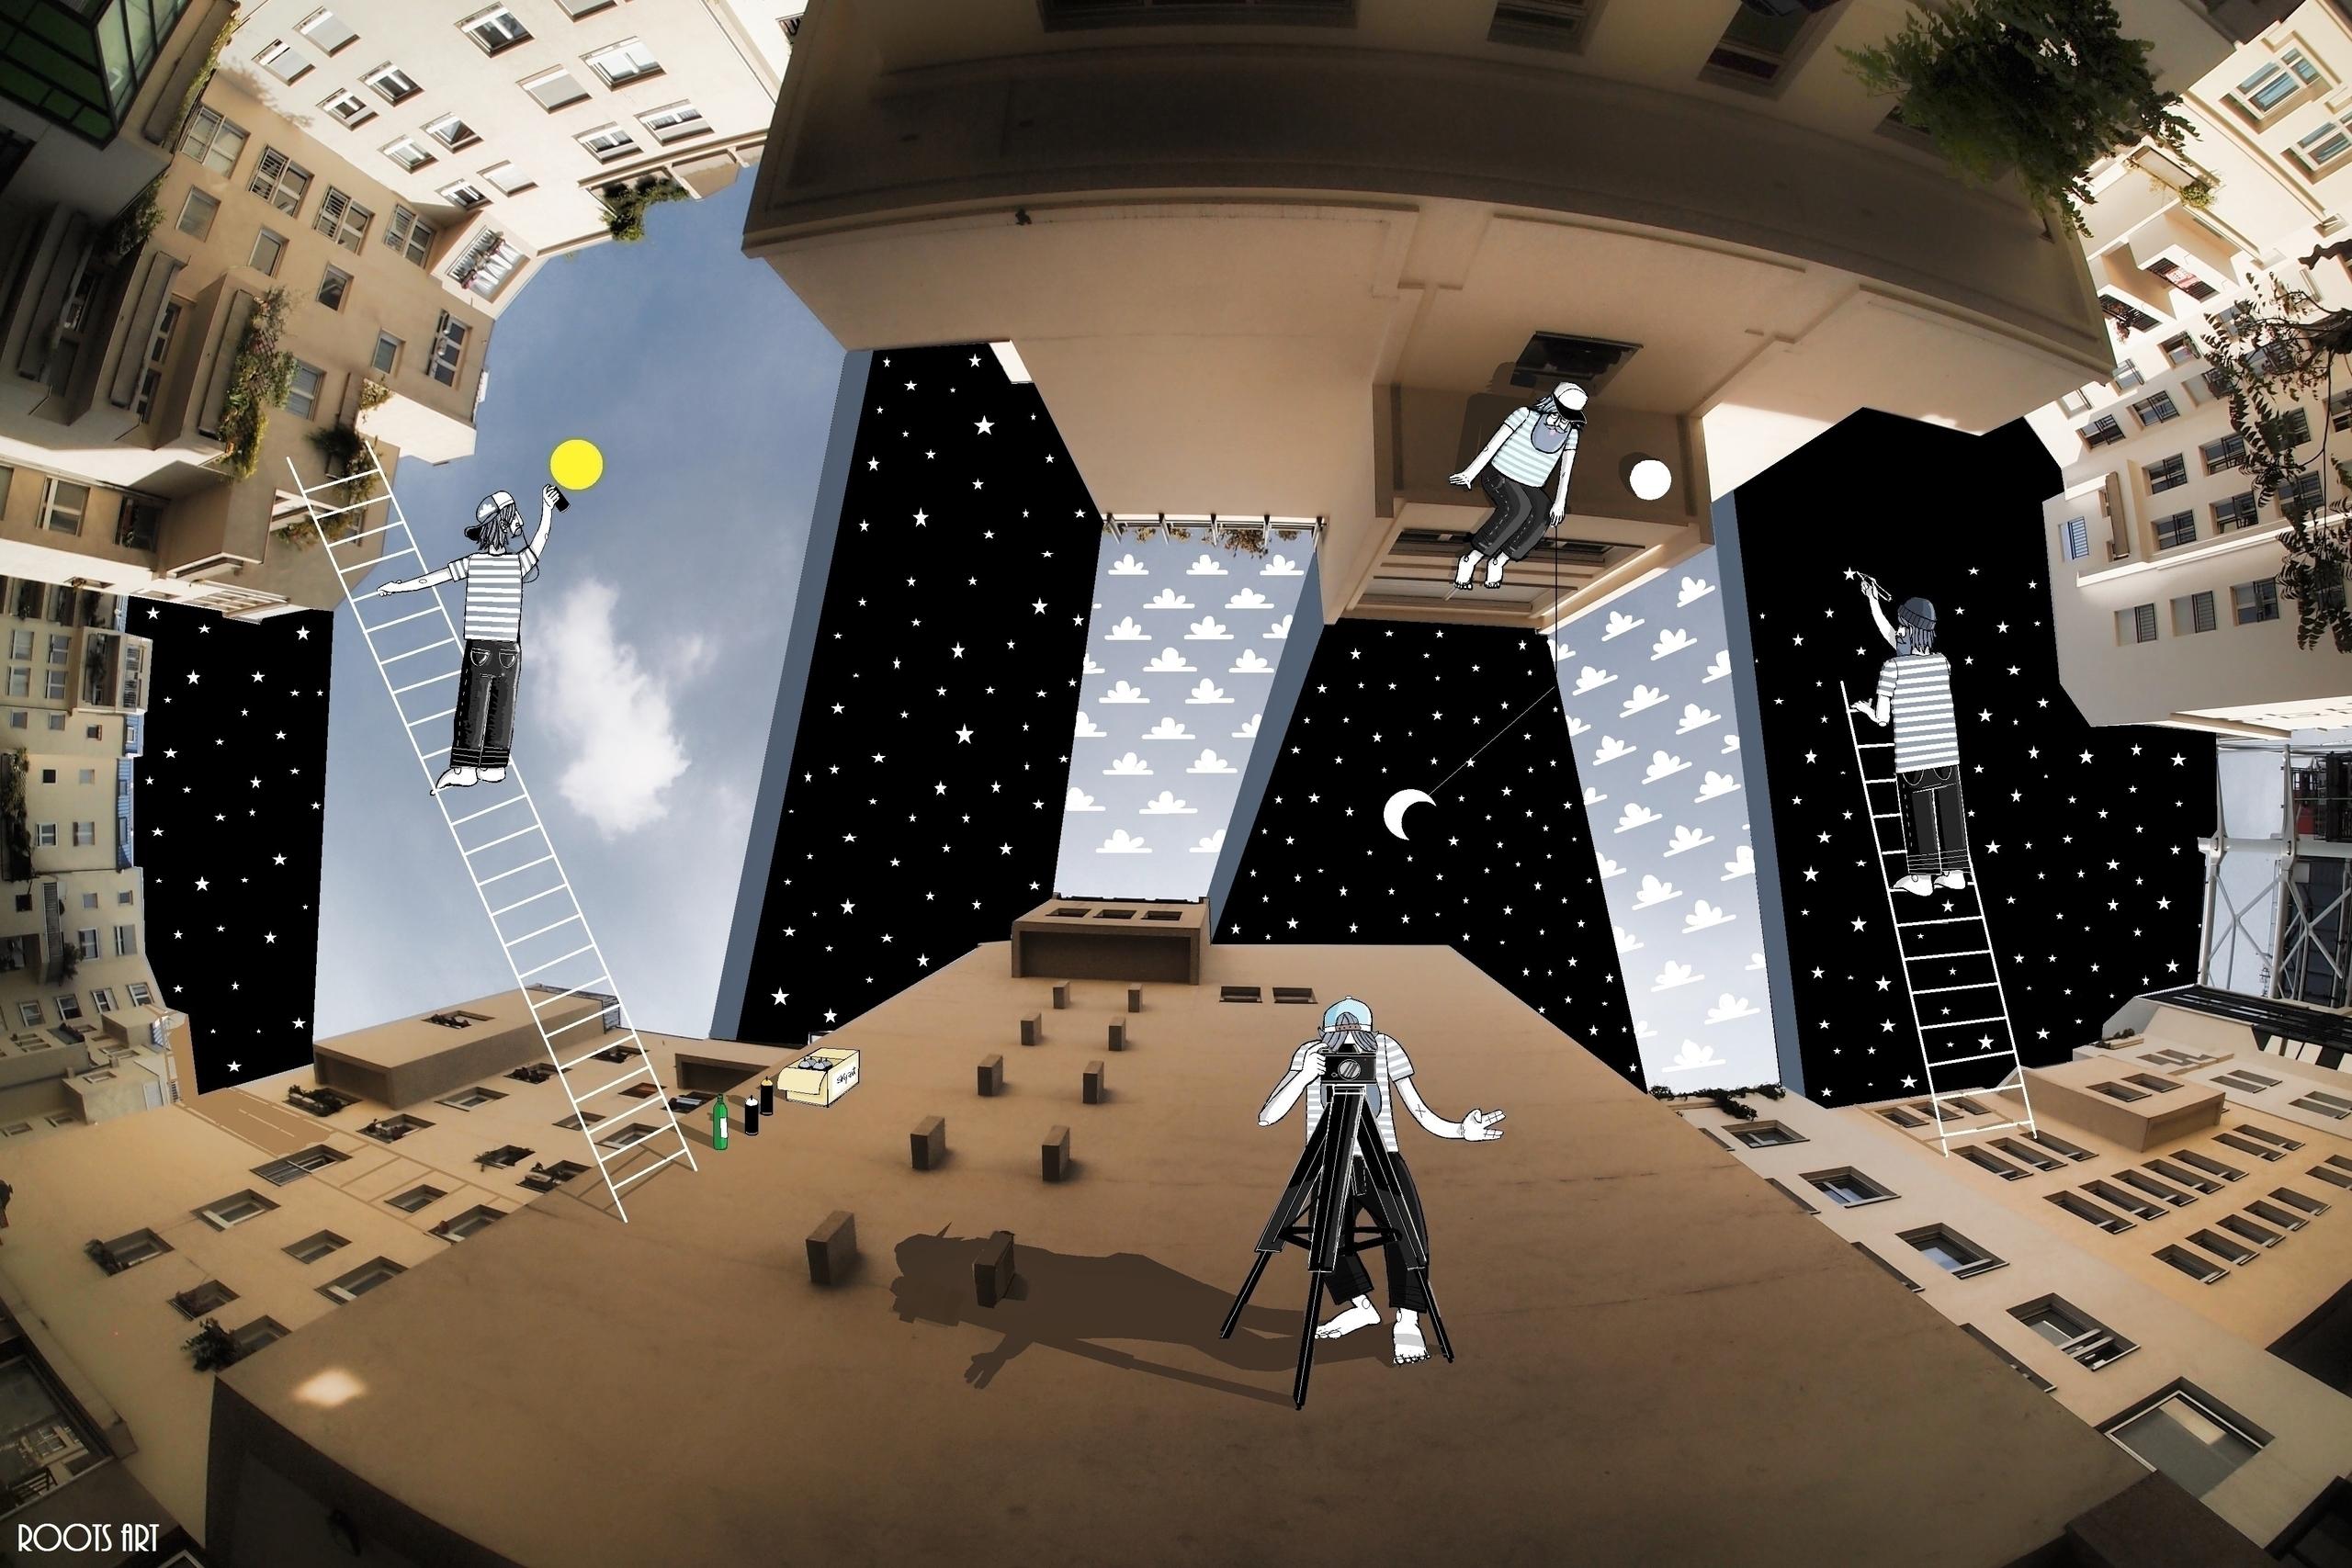 PARIS Pompidou - Kopie-1 - Kopie.jpg